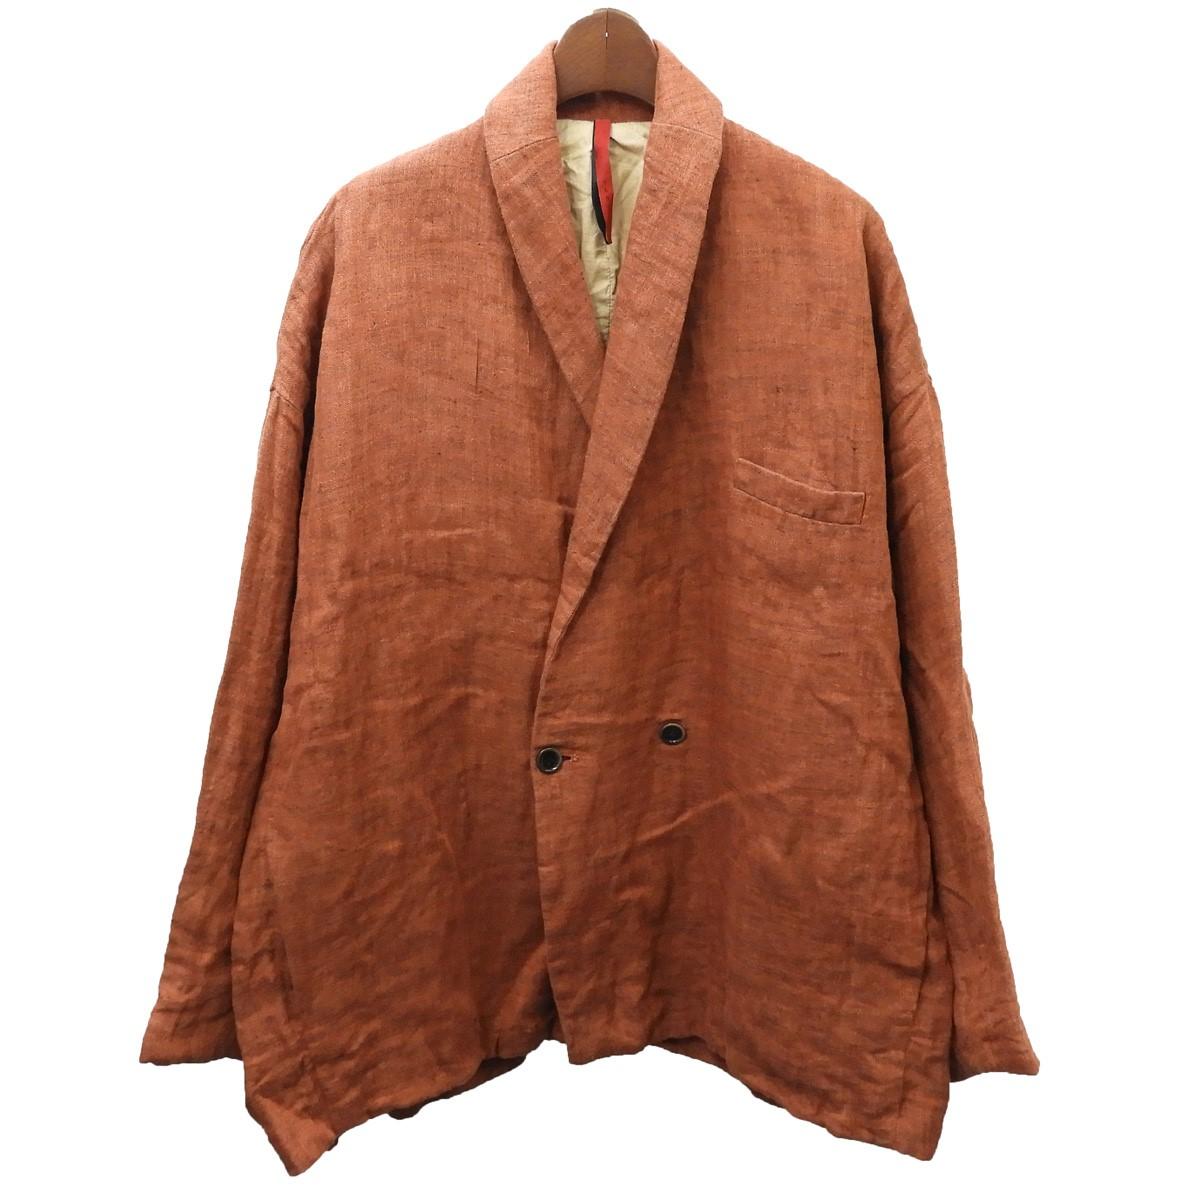 【中古】YANTOR リネンワイドテーラードジャケット オレンジ サイズ:M 【100720】(ヤントル)